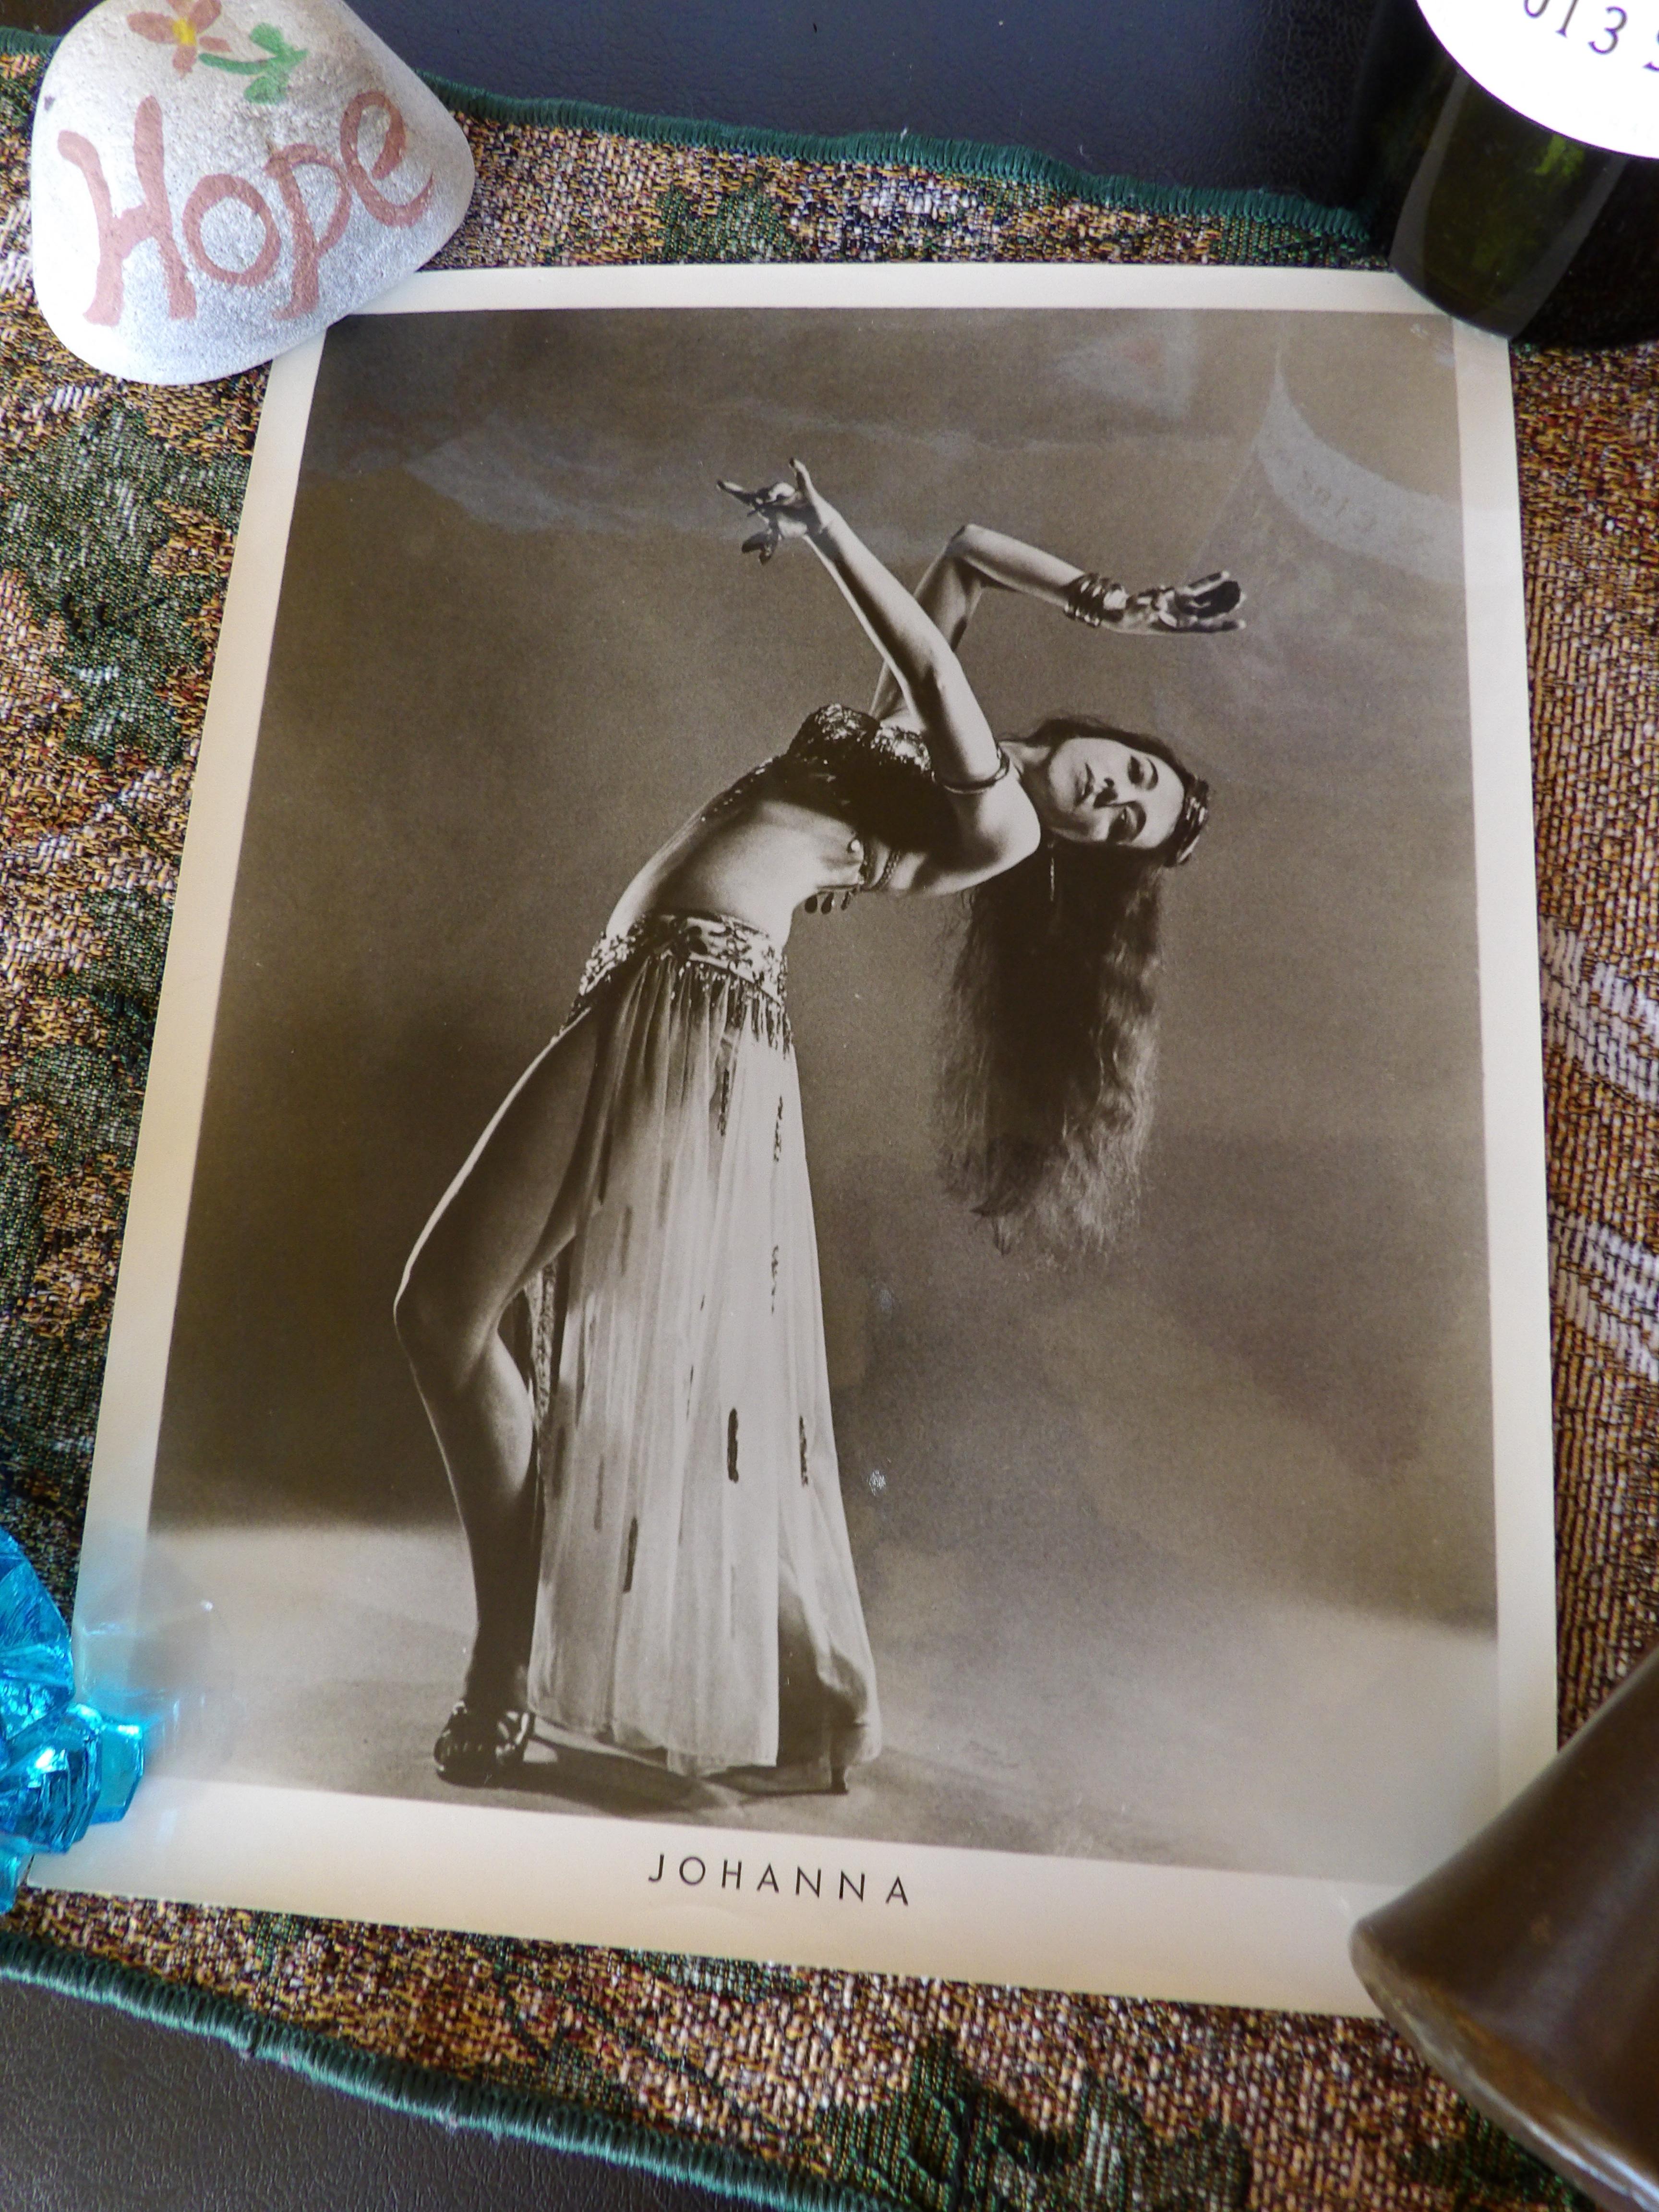 Johanna Leanback by Martha Swope 2.JPG